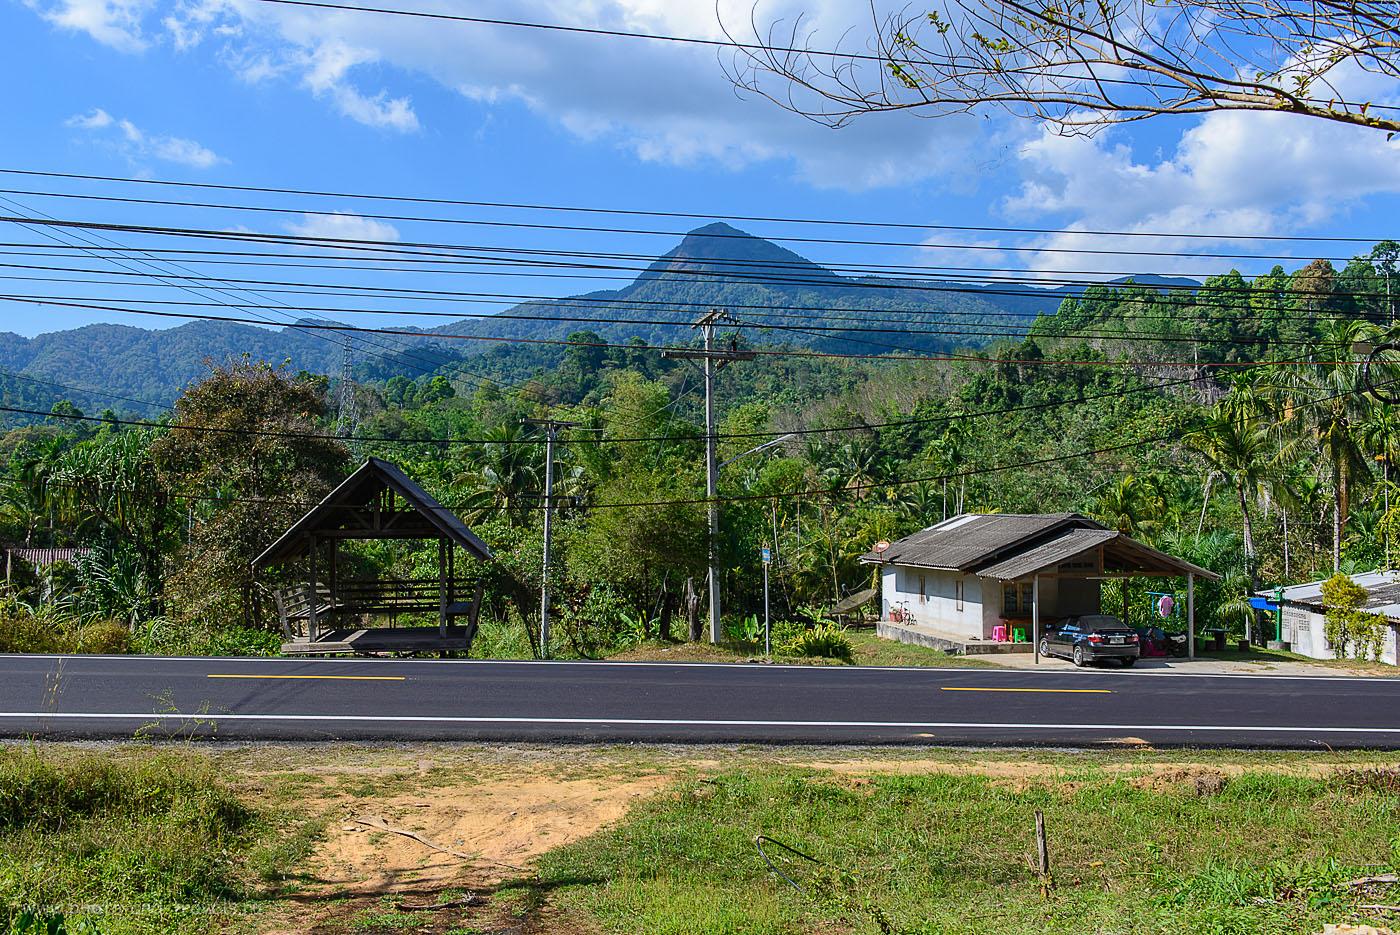 8. Фото не передает масштабы. Эта гора возвышается настоящим исполином над окрестностями. Экскурсии по Таиланду. Поездка на машине (125, 34, 9.0, 1/60)